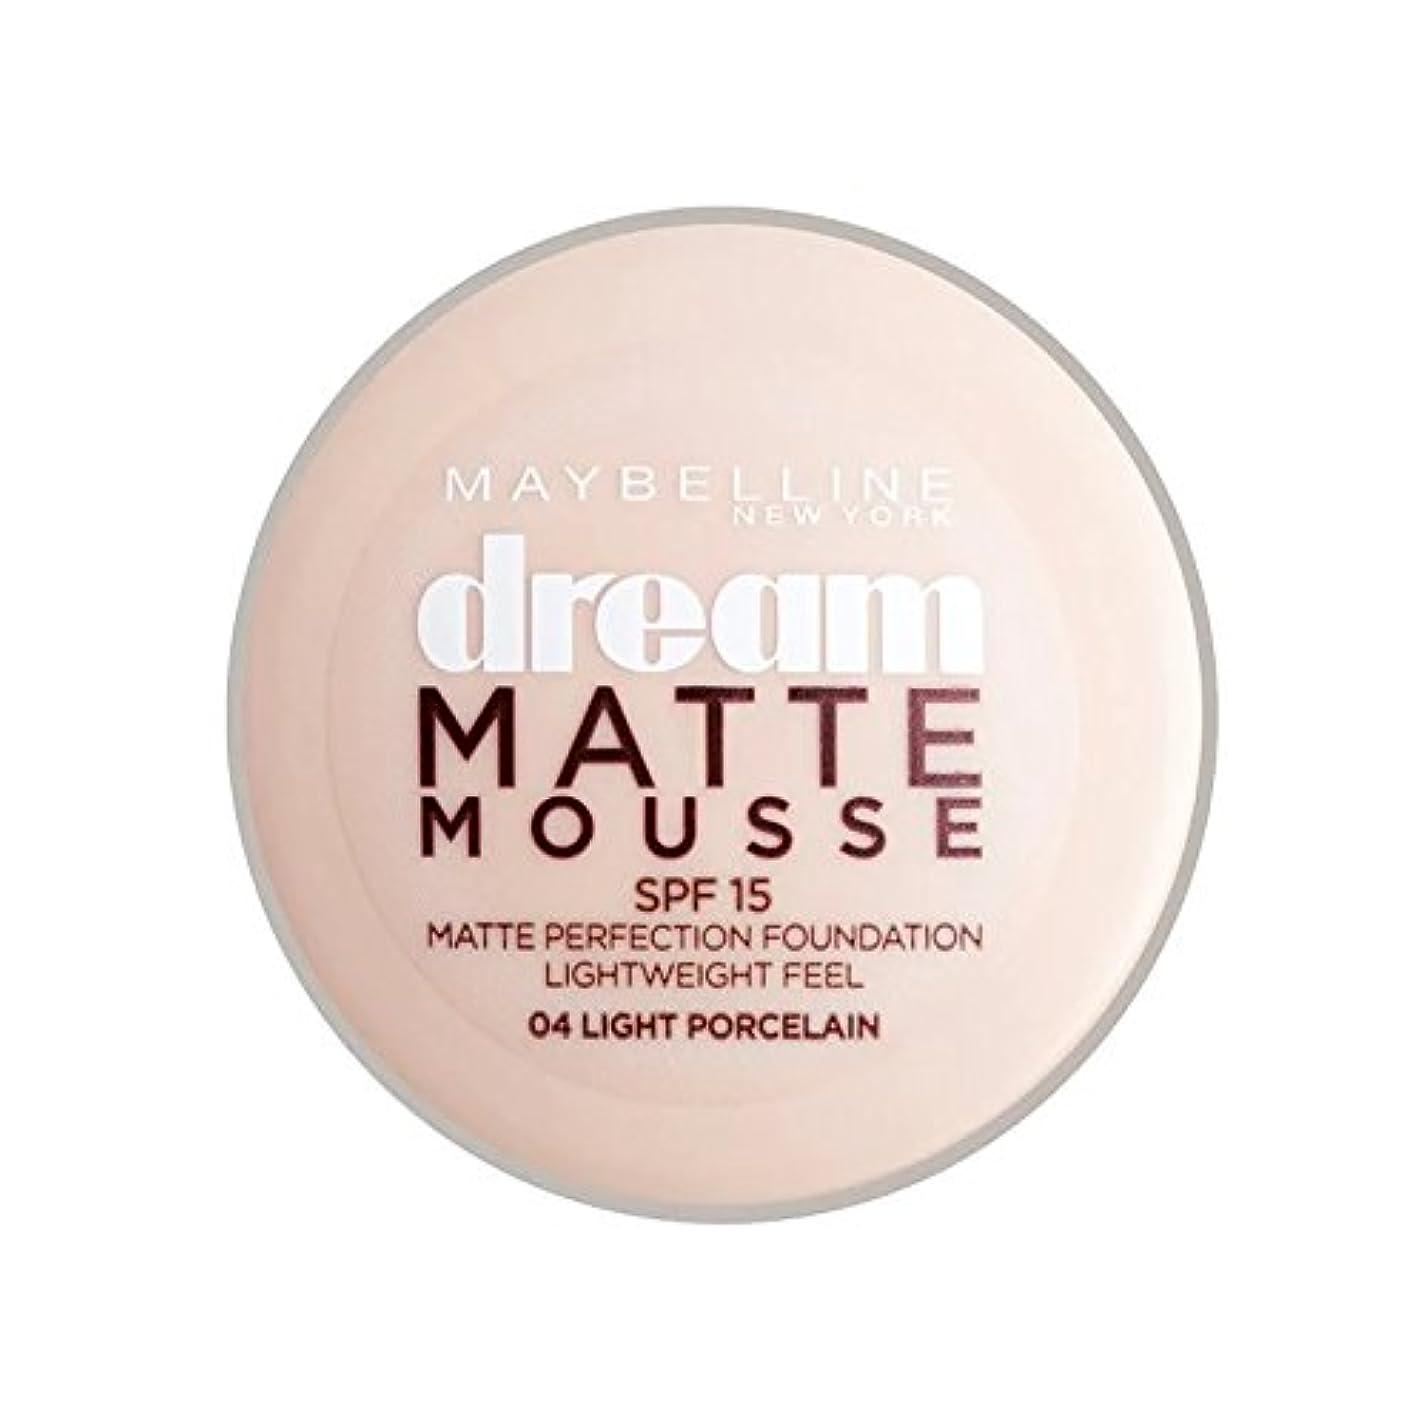 ハウジング絶壁ハーフメイベリン夢のマットムース土台04磁器30ミリリットル x4 - Maybelline Dream Matte Mousse Foundation 04 Porcelain 30ml (Pack of 4) [並行輸入品]